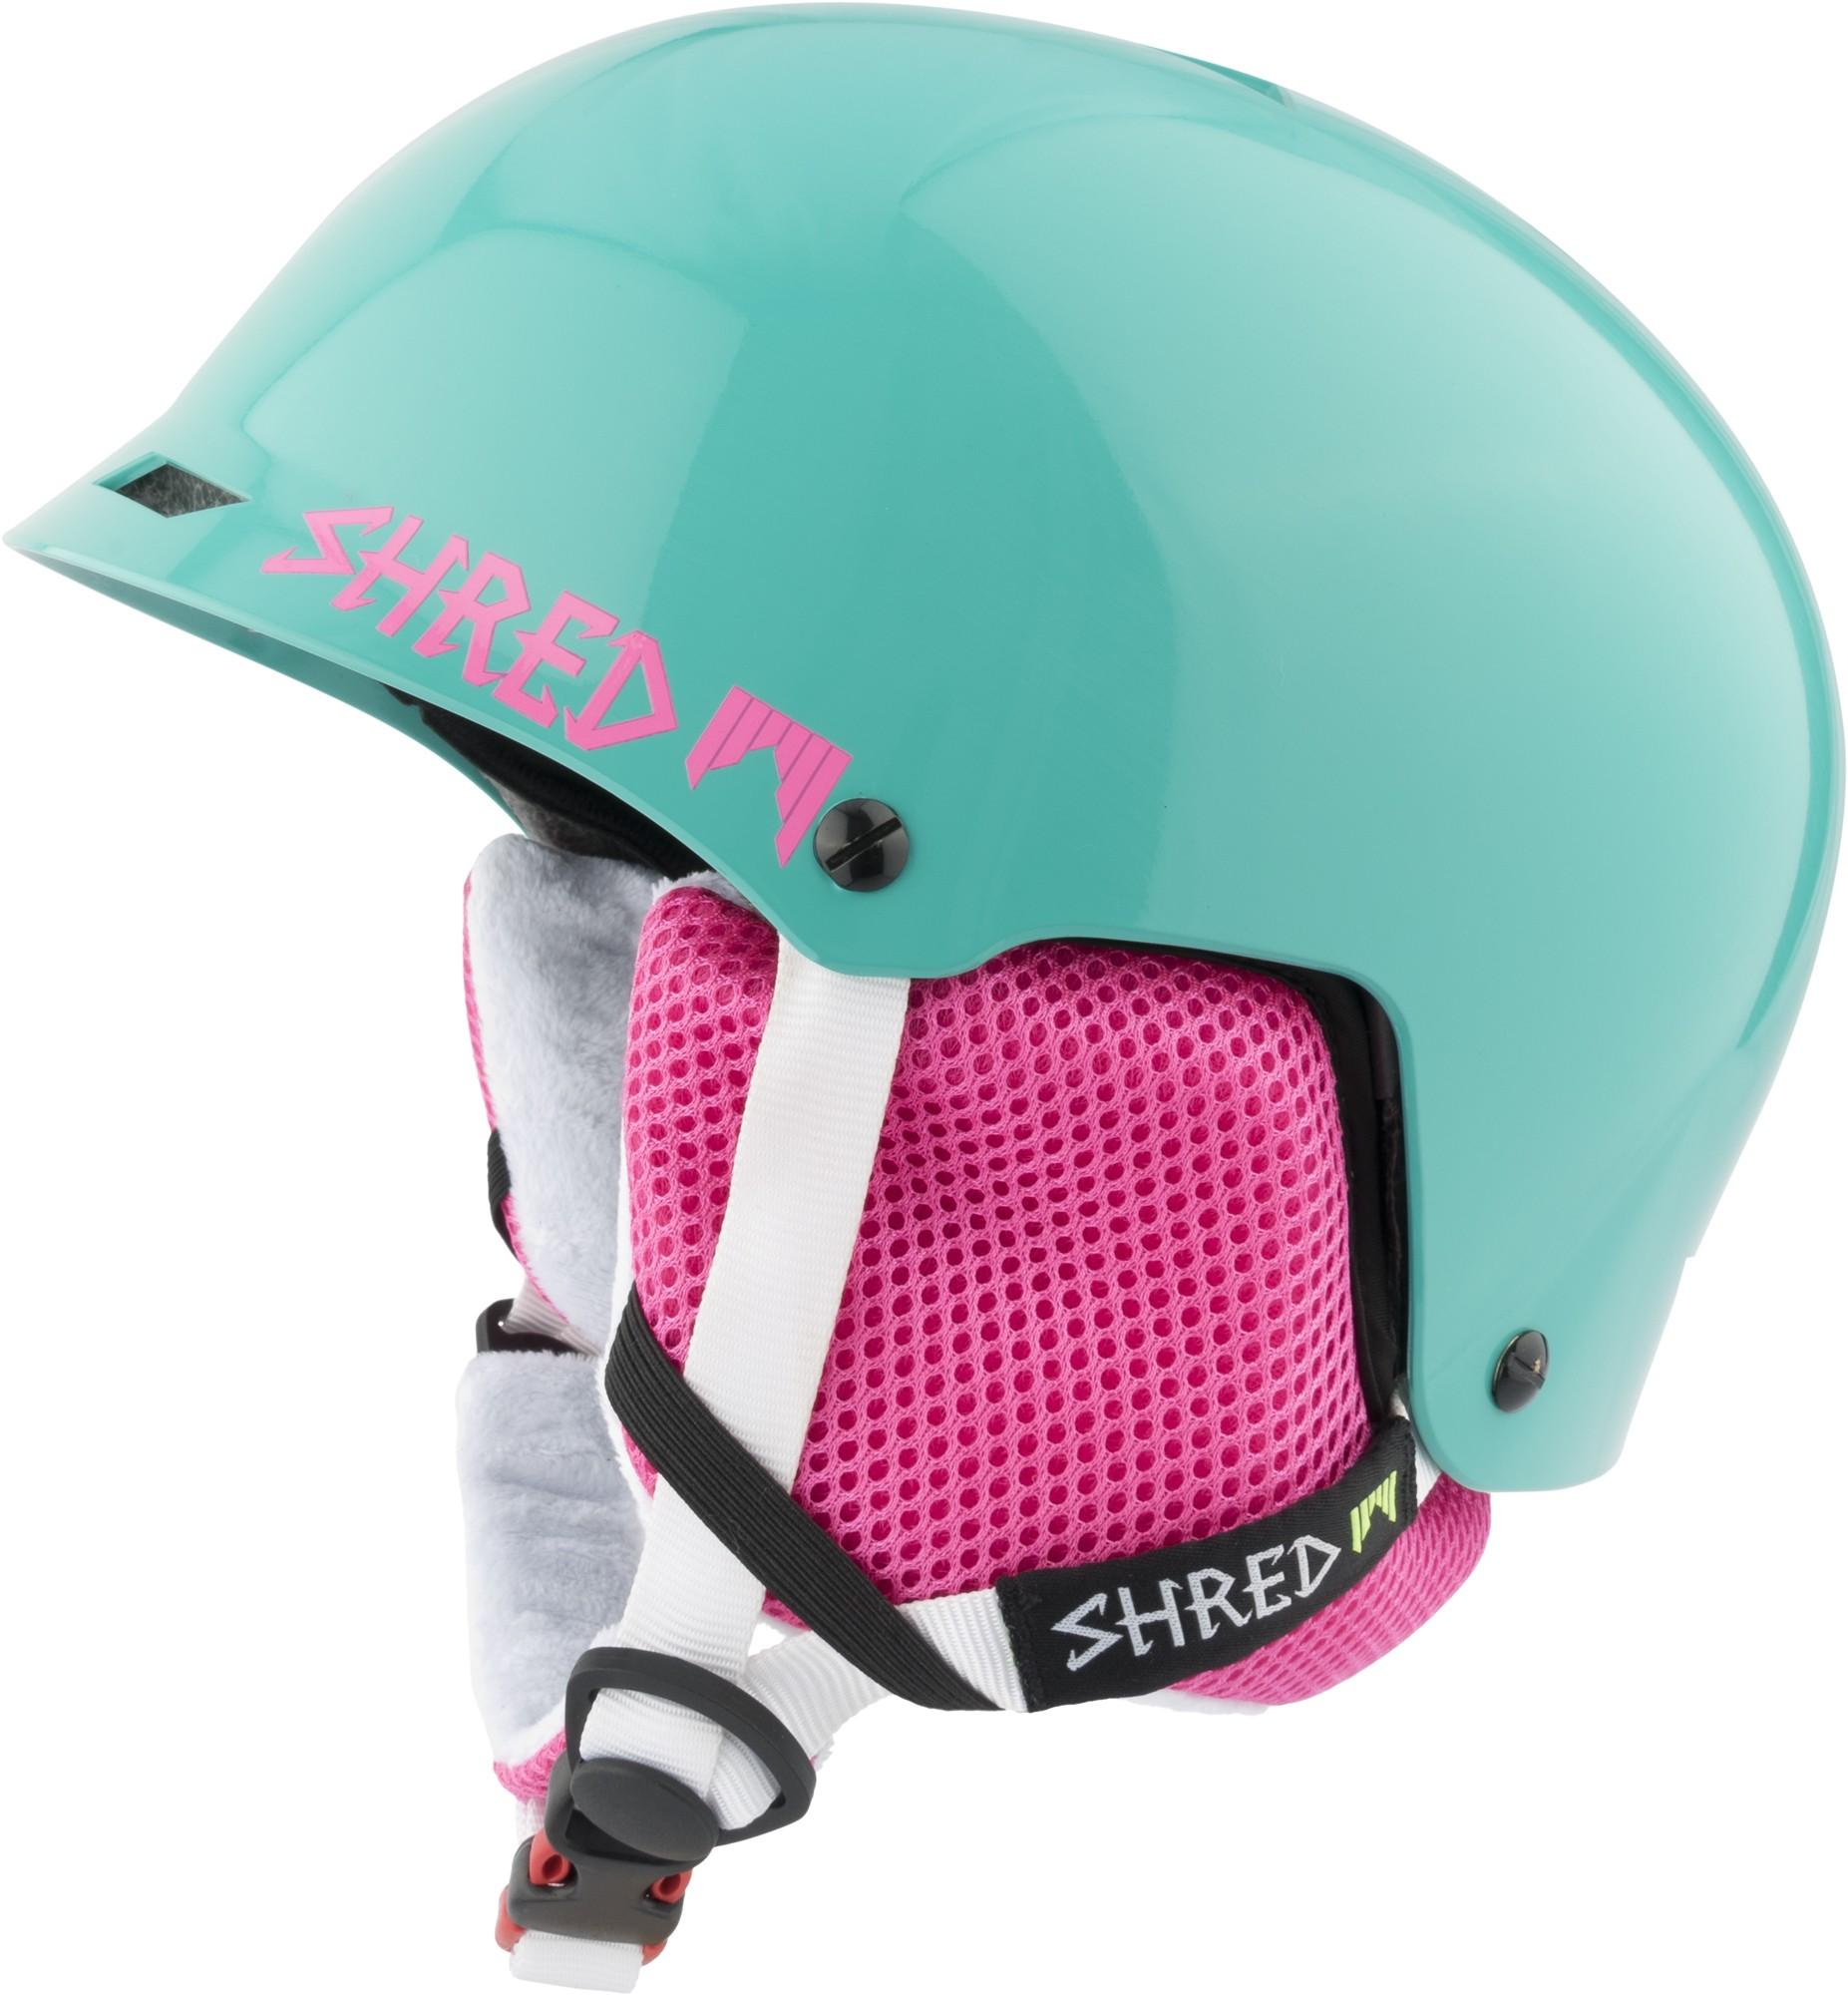 Shred Half Brain MINT ski helmet, 2017